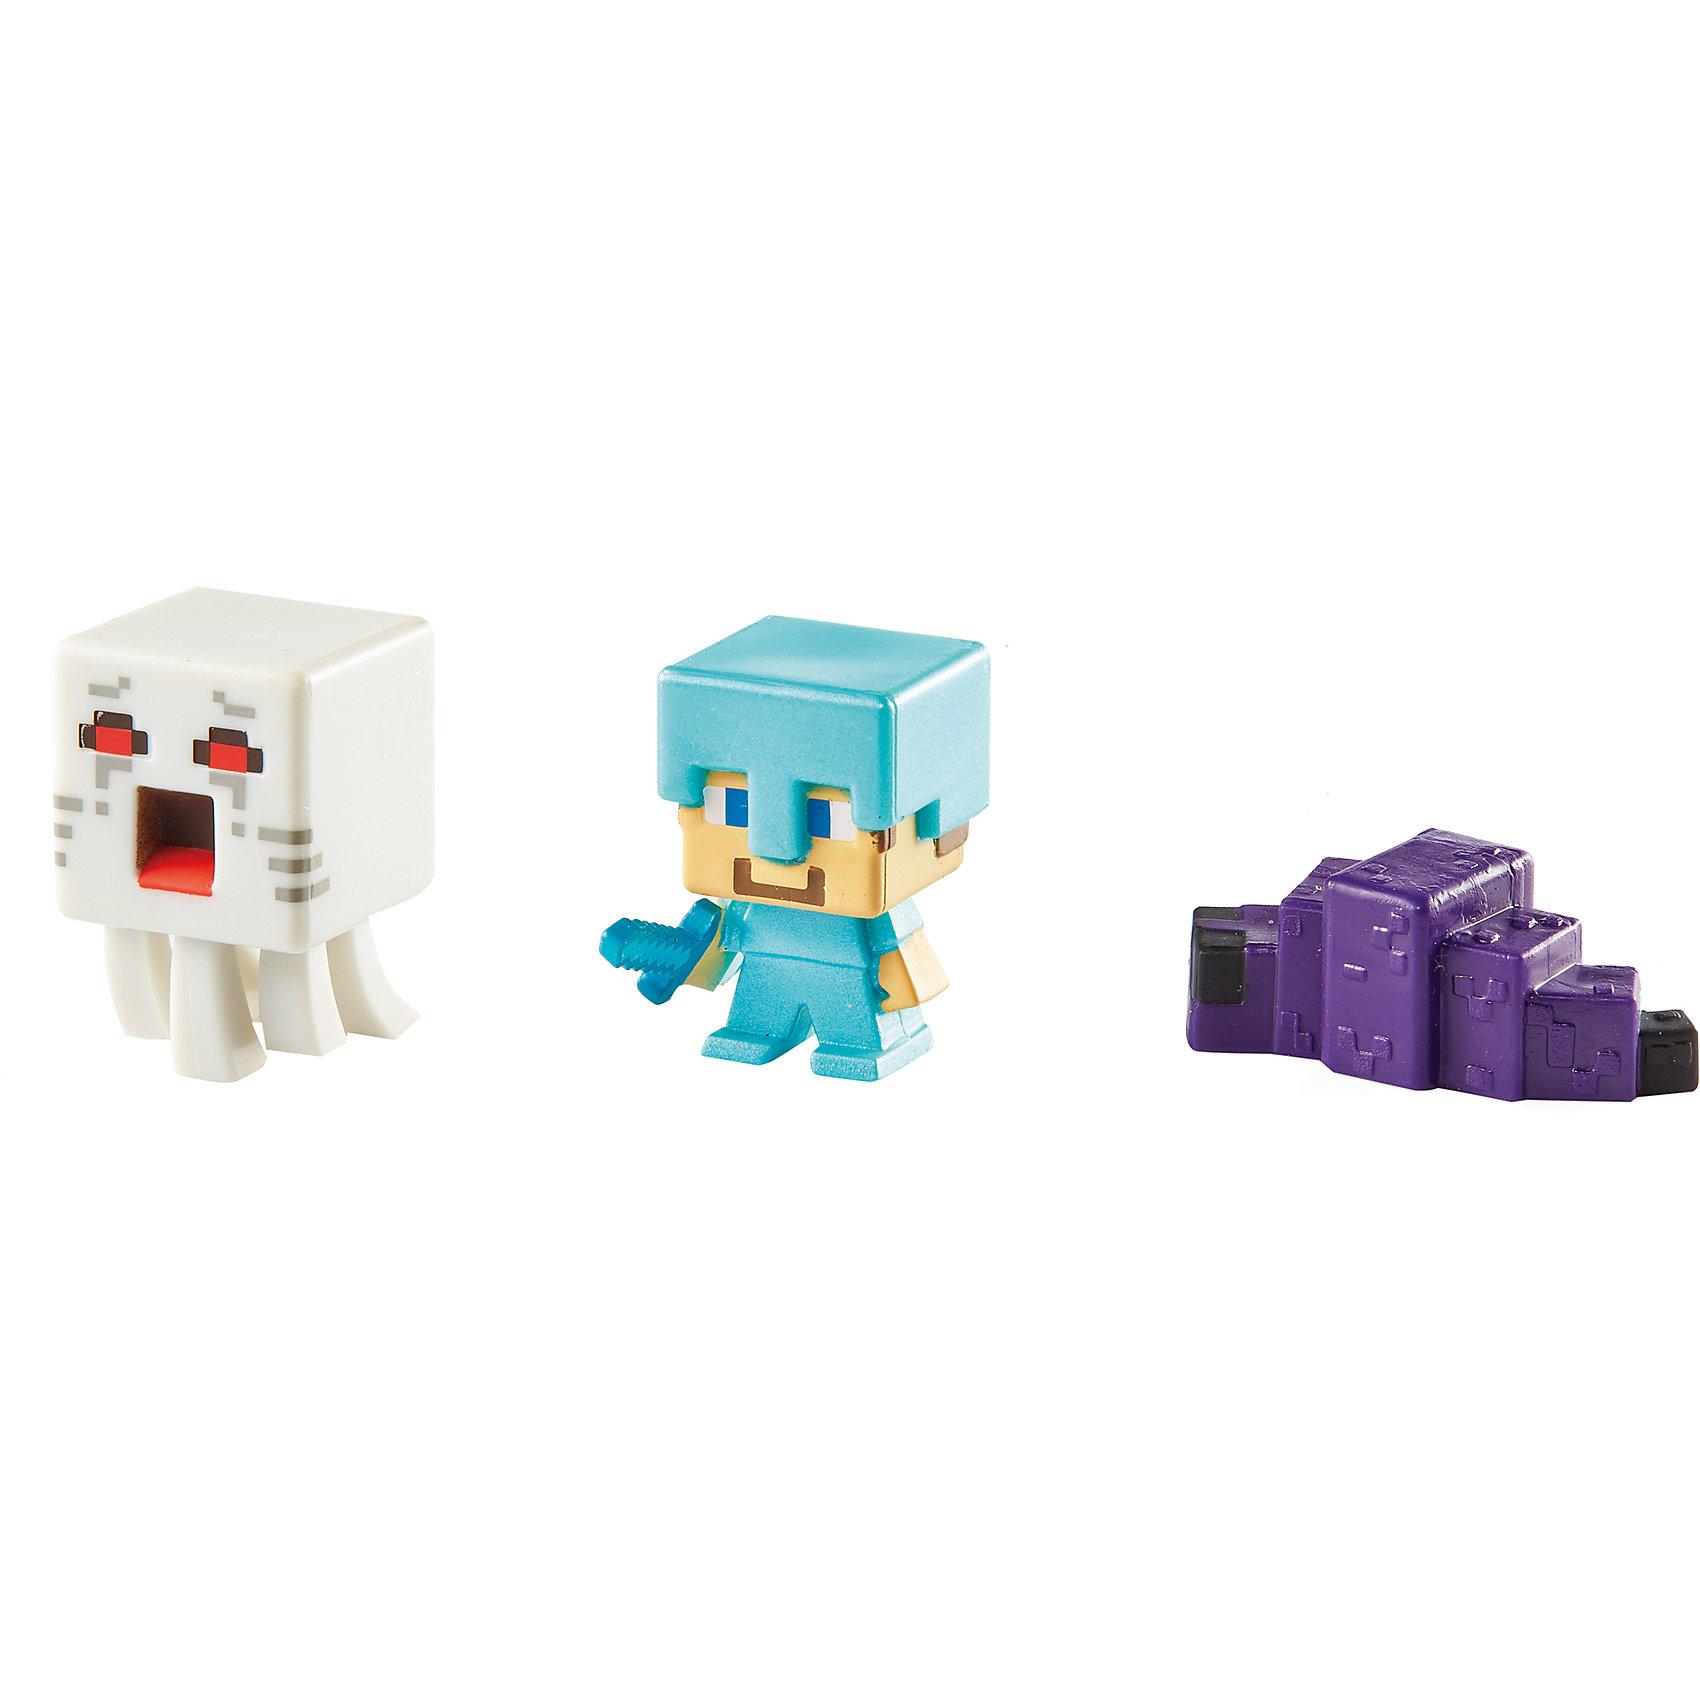 Набор из 3х фигурок  MinecraftЭти фигурки приведут в восторг всех поклонников Minecraft. Они прекрасно детализированы, реалистично раскрашены, очень похожи на героев компьютерной игры. Собери все фигурки, создавай свои мир Майнкрафт прямо на письменном столе или там, где ты пожелаешь! Игрушки выполнены из высококачественных экологичных материалов безопасных для детей. В наборе: Гаст, Стив и Чешуйница Края.<br><br>Дополнительная информация:<br><br>- Материал: пластик.<br>- Размер упаковки: 16,5х16,5х4 см.<br>- Размер фигурки: 3 см. <br>- 3 фигурки в комплекте. <br><br>Набор из 3х фигурок  Minecraft (Майнкрафт) можно купить в нашем магазине.<br><br>Ширина мм: 166<br>Глубина мм: 137<br>Высота мм: 30<br>Вес г: 37<br>Возраст от месяцев: 36<br>Возраст до месяцев: 72<br>Пол: Мужской<br>Возраст: Детский<br>SKU: 4557620